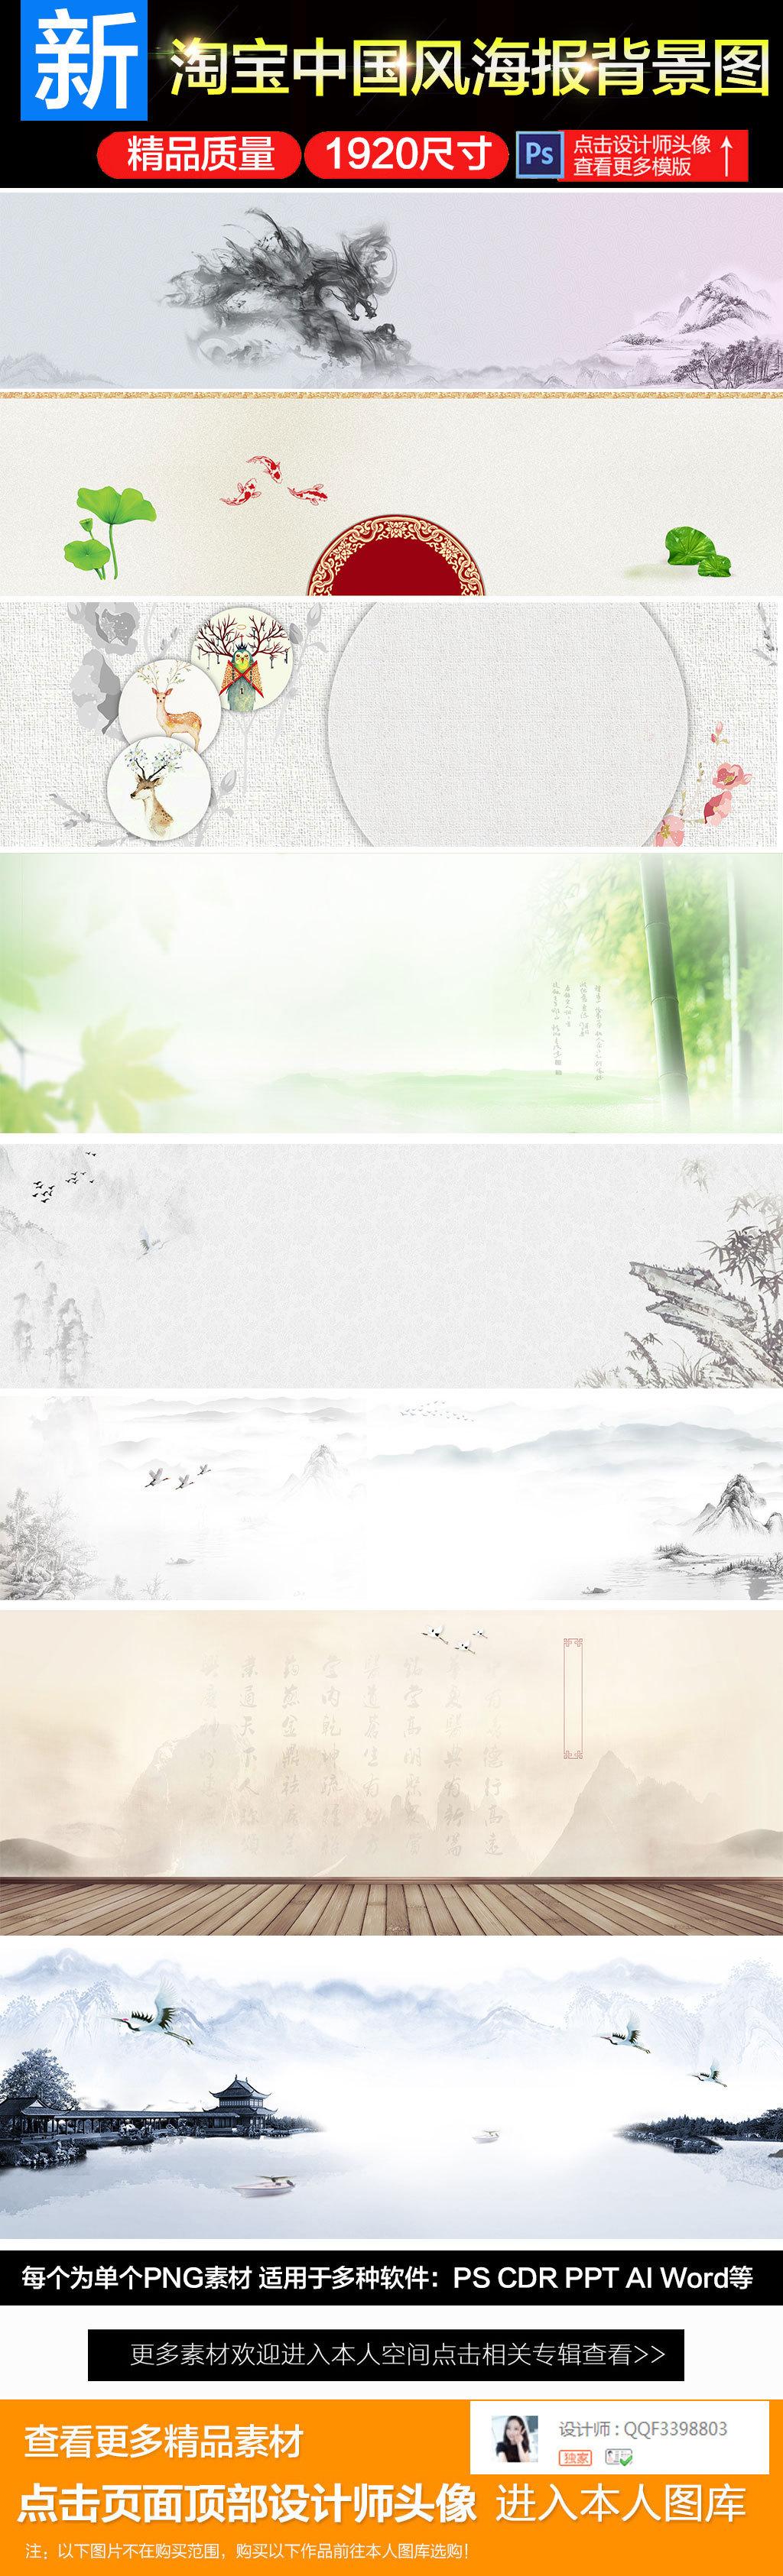 空间微信                  原创设计淘宝水墨复古中国风全屏海报背景图片